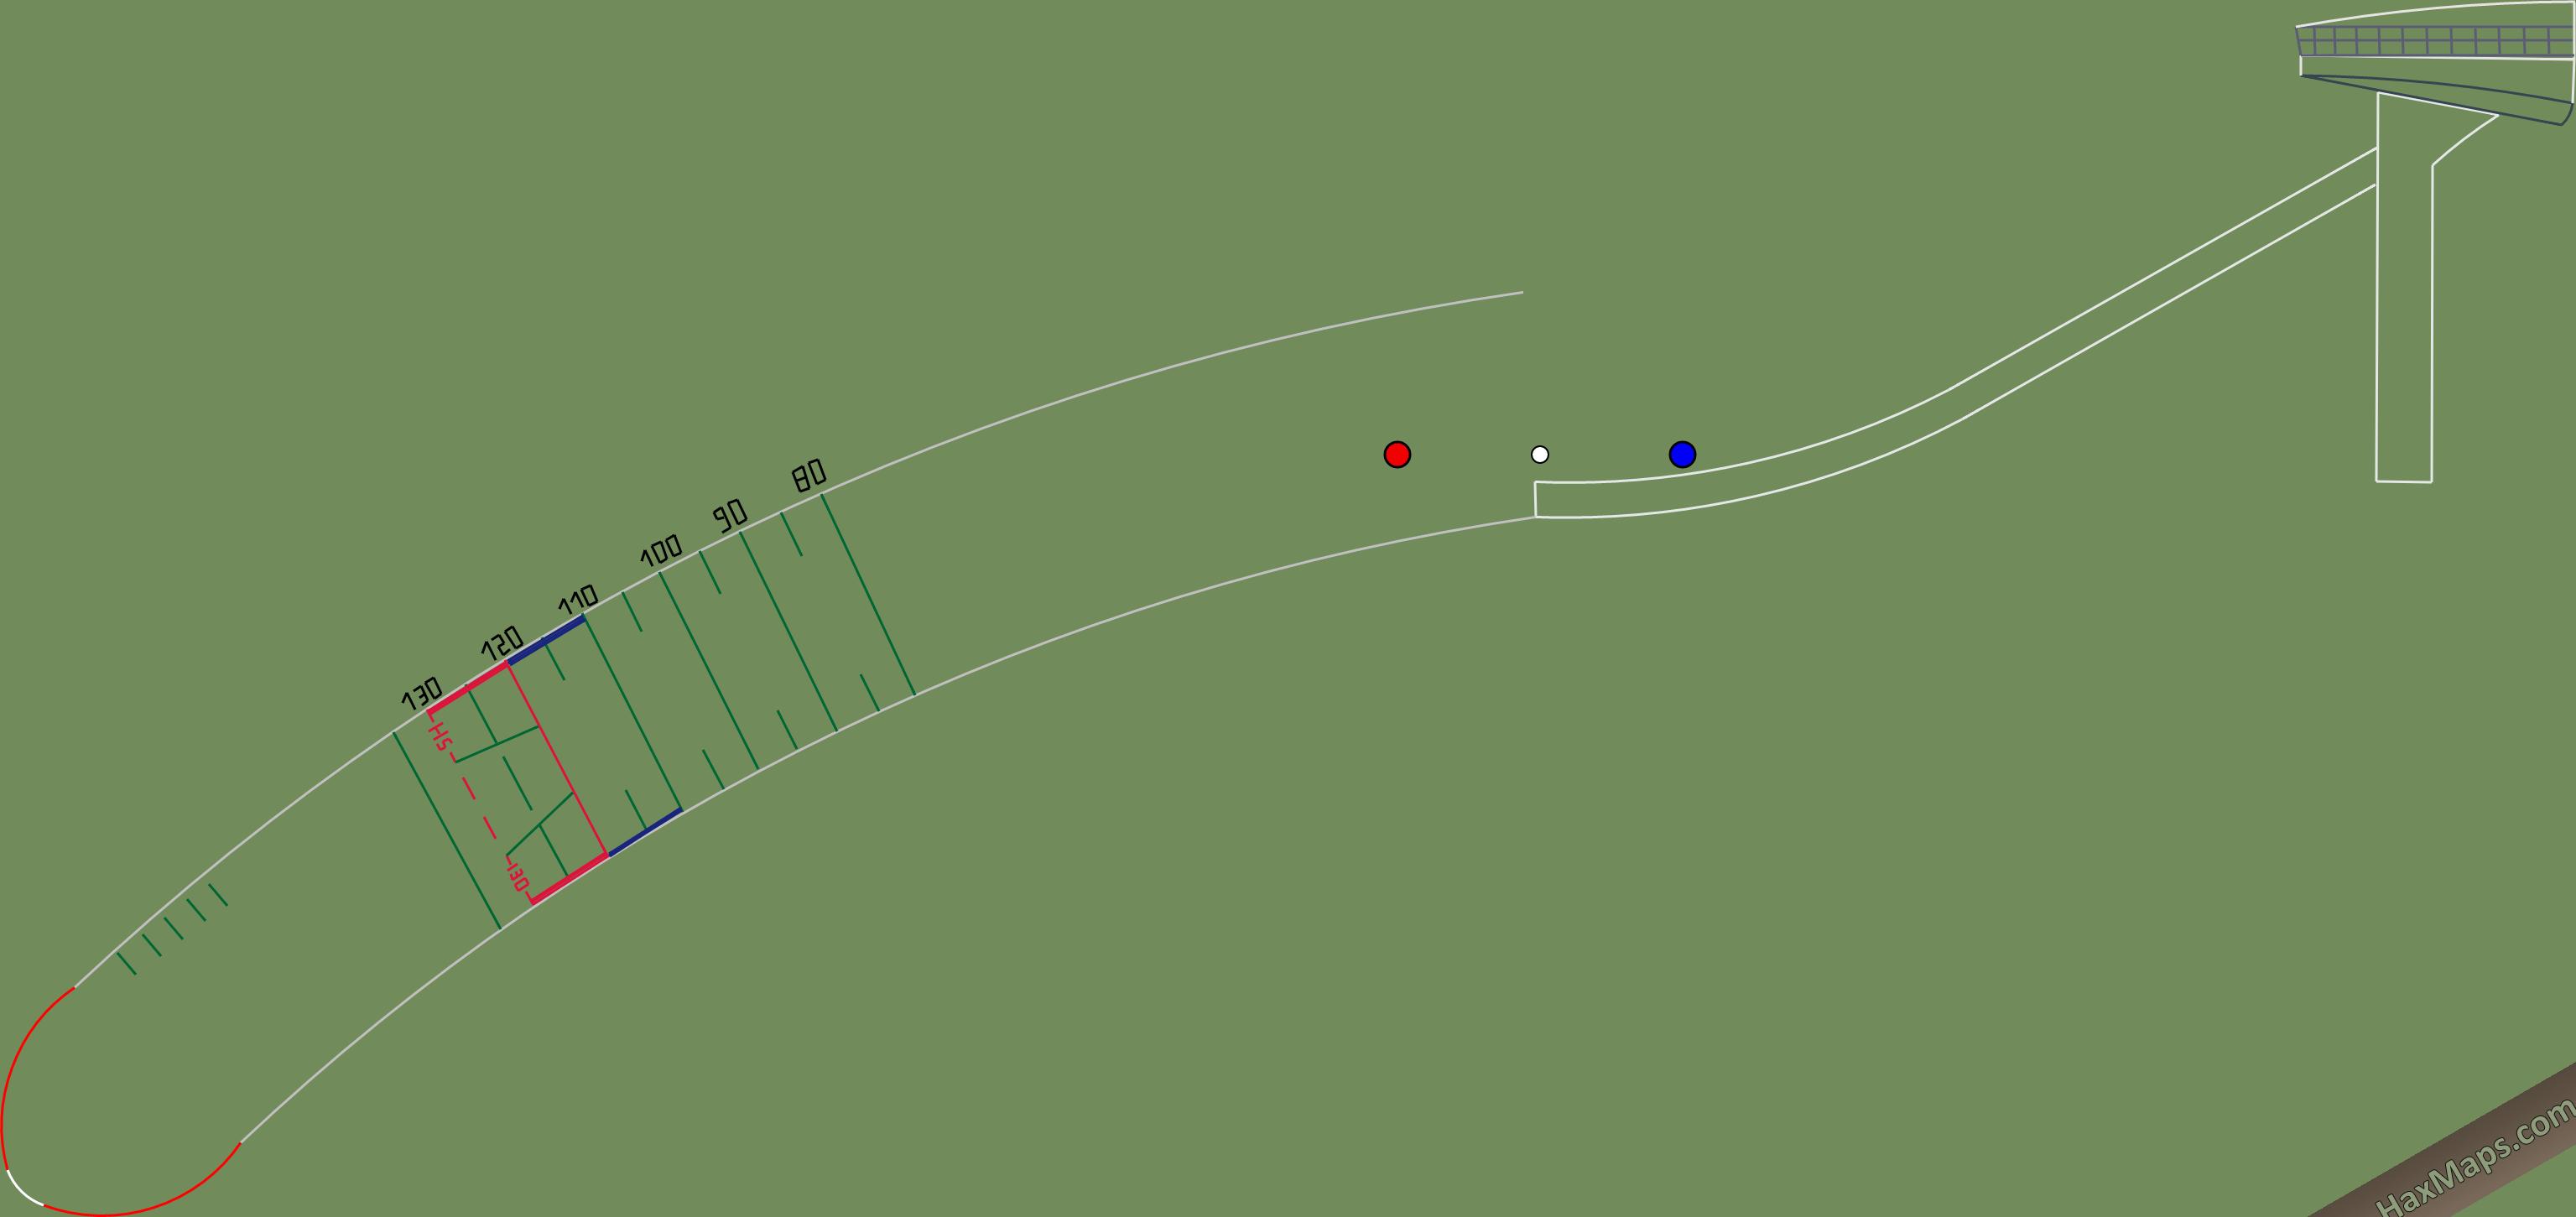 hax ball maps | Innsbruck K120 HS130